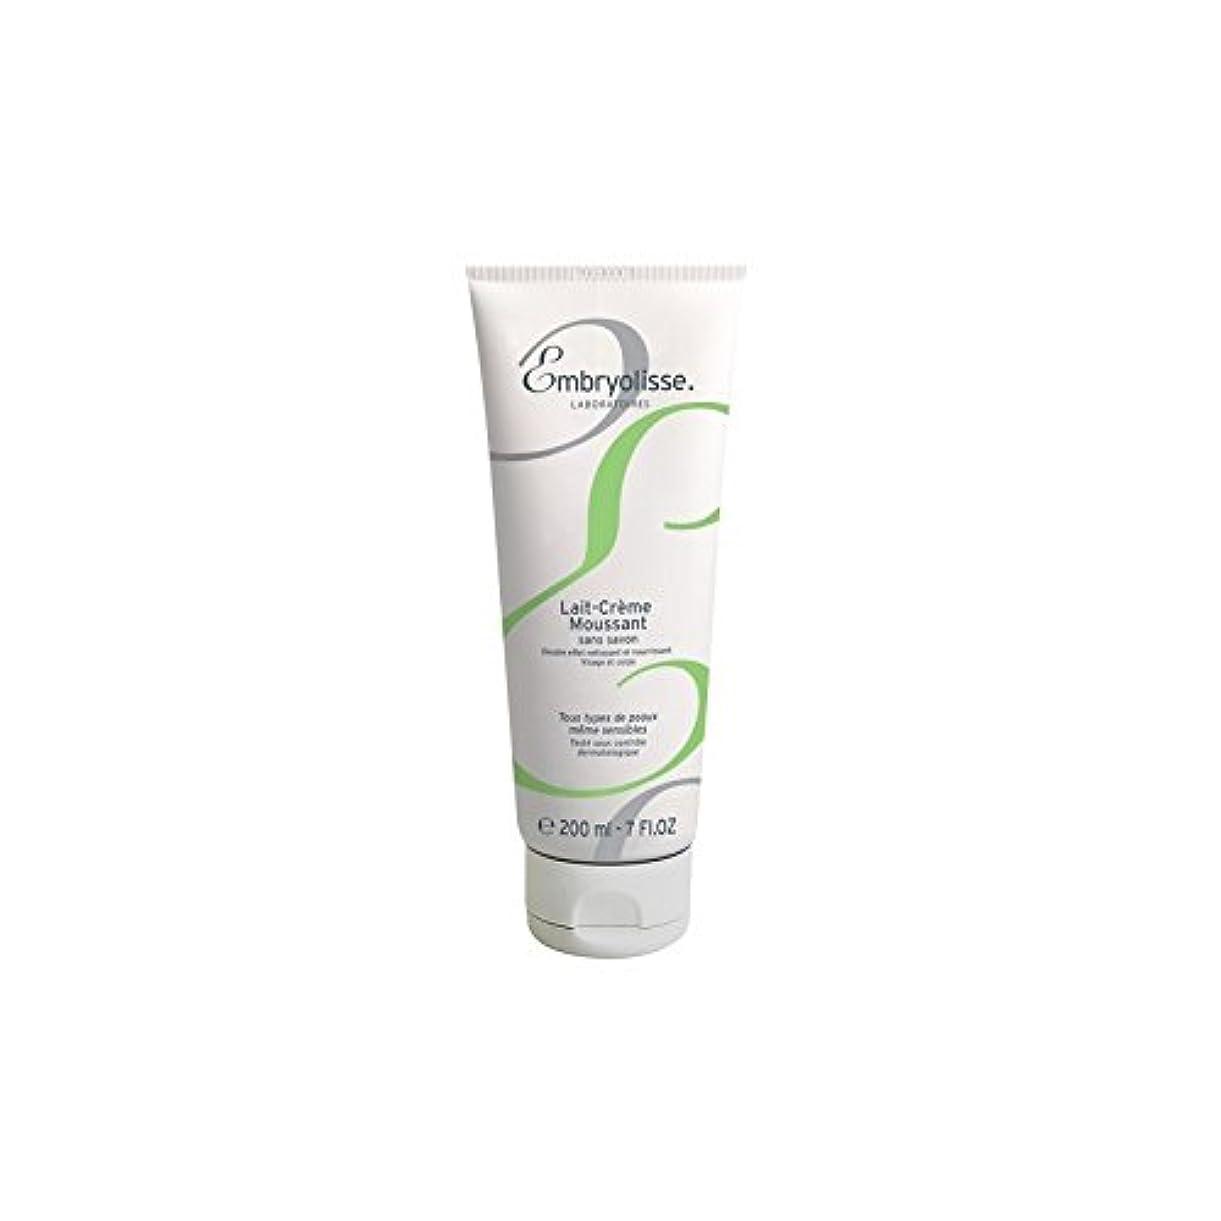 航空便たぶんマークEmbryolisse Foaming Cream Milk (200ml) - 発泡クリームミルク(200ミリリットル) [並行輸入品]